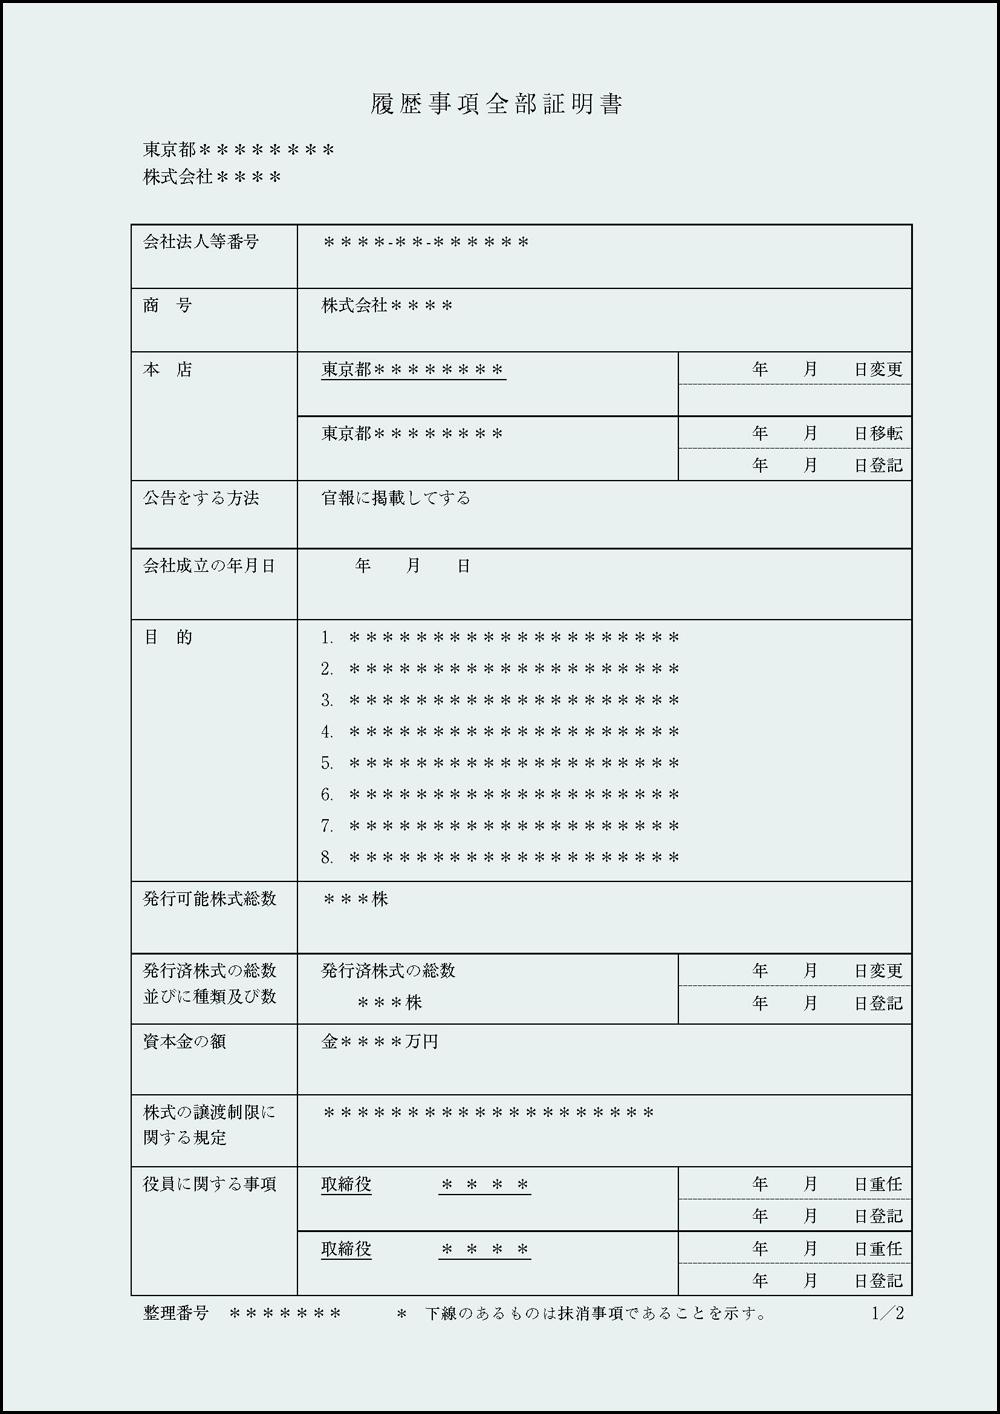 履歴事項全部証明書の見本・サンプル